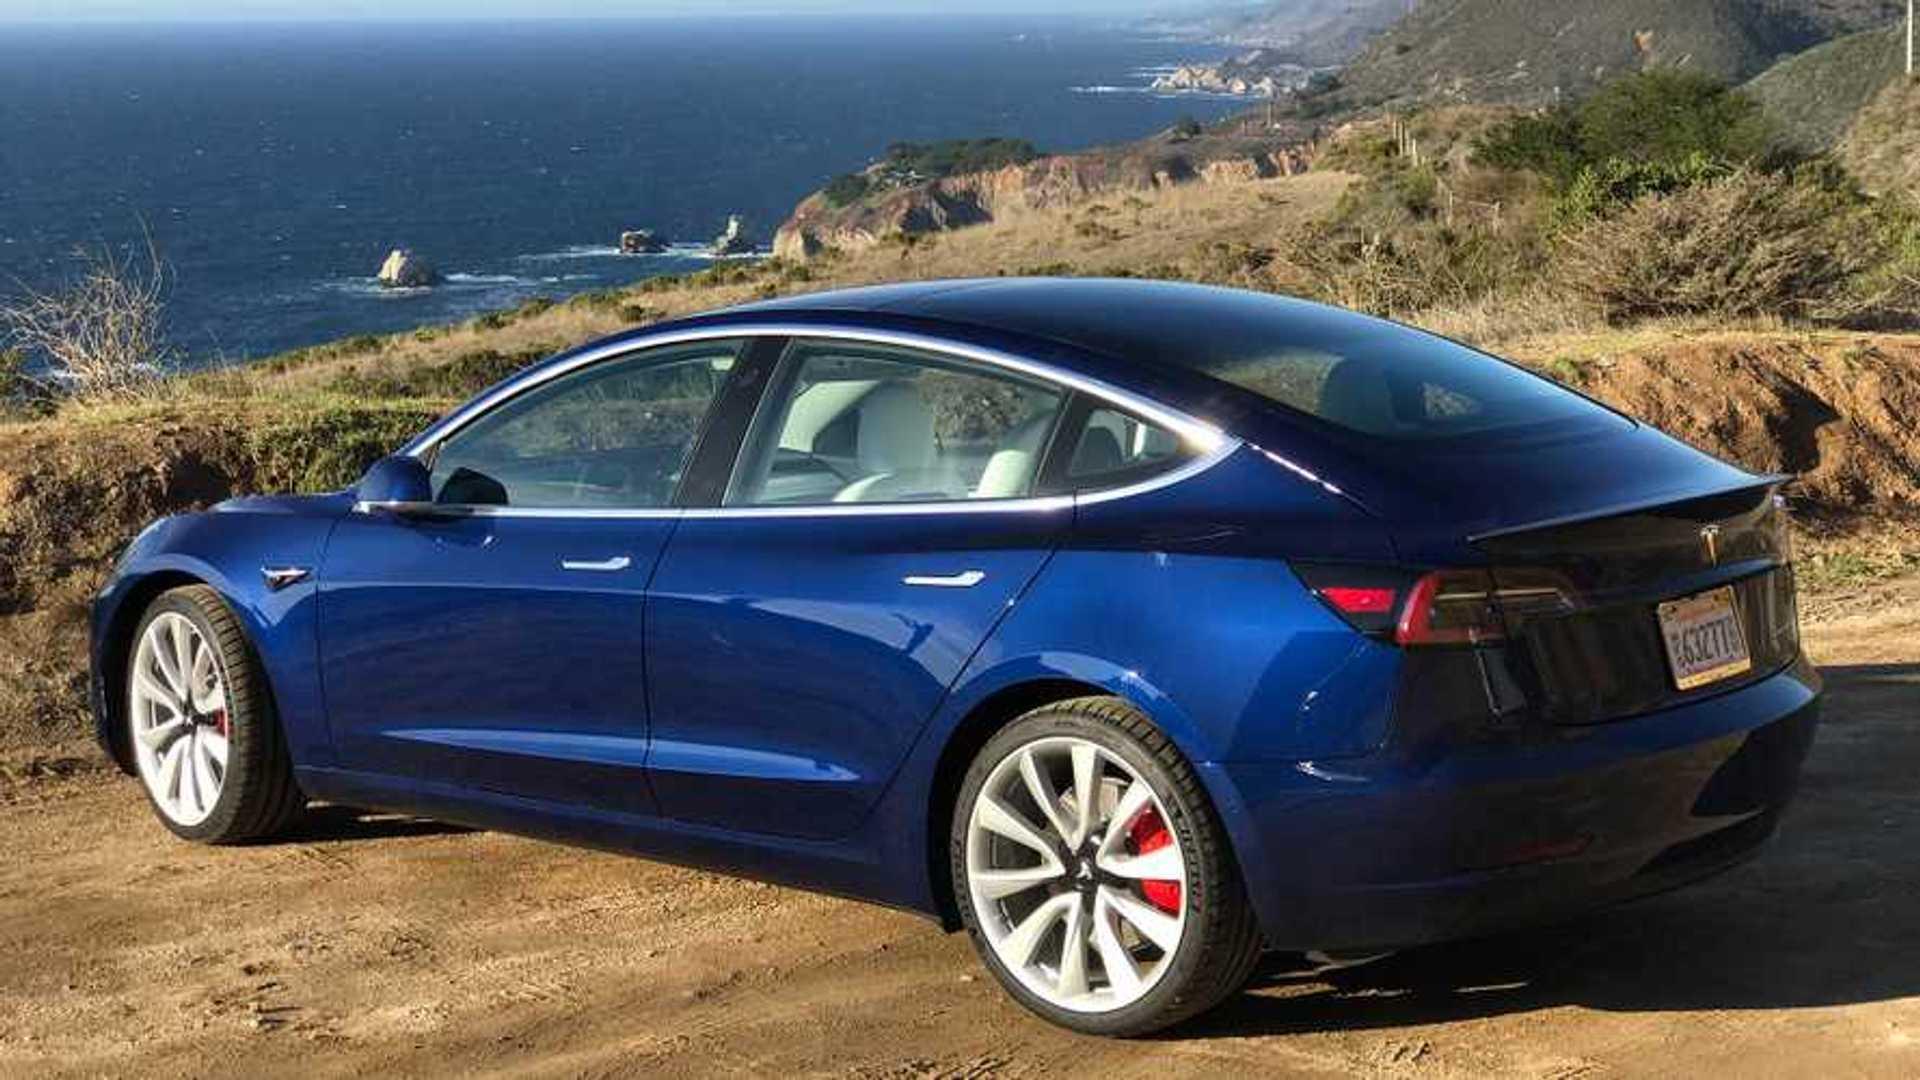 Tesla Model 3 / Hyundai Kona Electric Help Canada Achieve 100K EVs